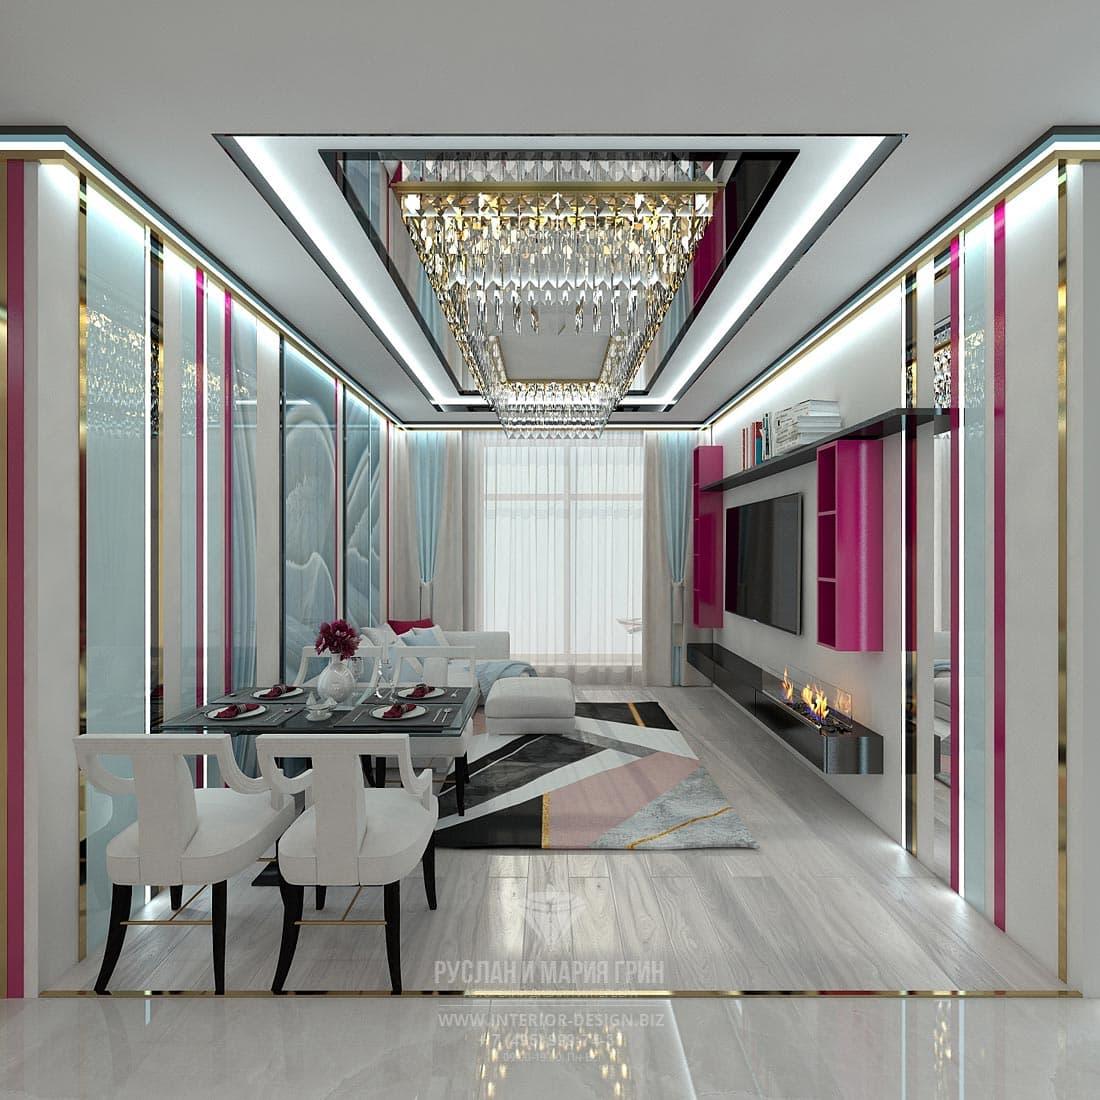 Дизайн интерьера современной гостиной. Фото 2017